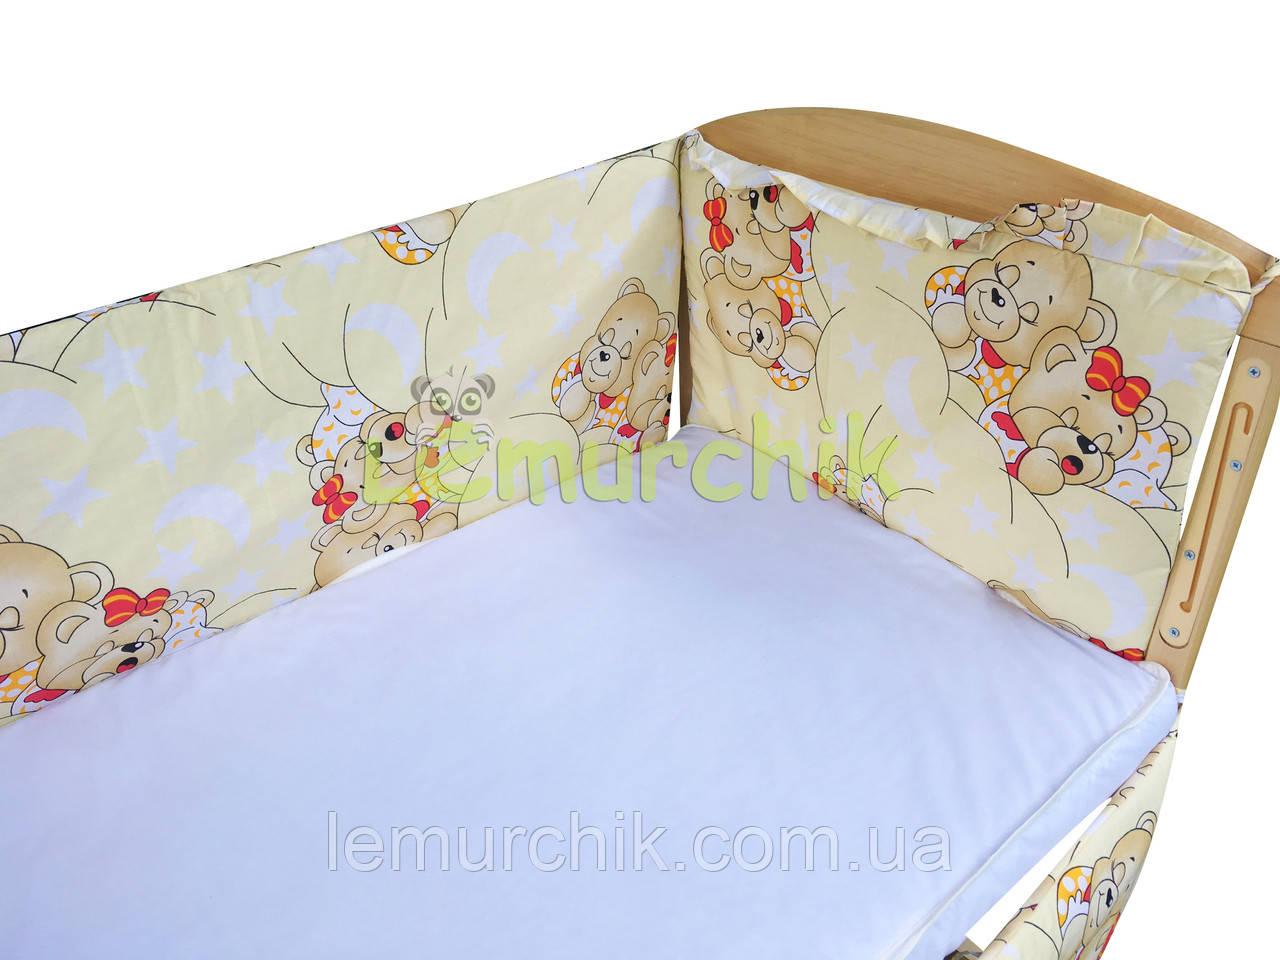 """Захист для дитячого ліжечка 120х60 см, """"Ведмедики сплять"""" жовта"""